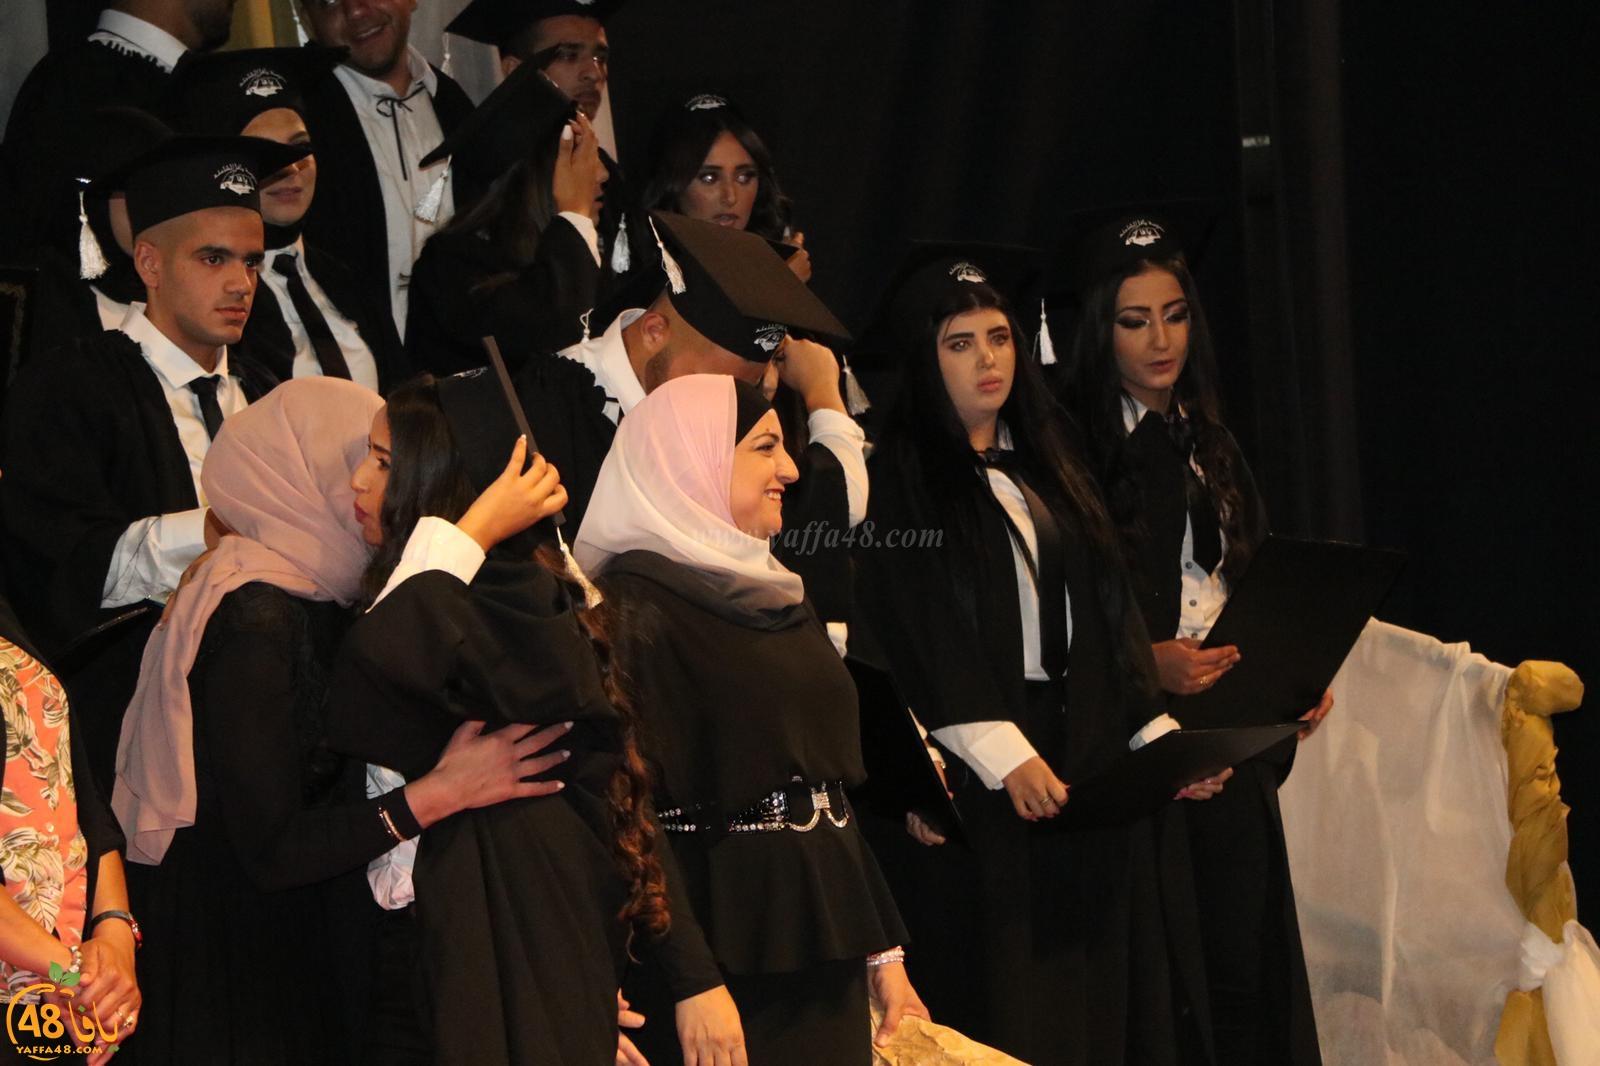 بالصور: المدرسة الثانوية الشاملة بيافا تحتفل بتخريج الفوج الـ49 من طلابها